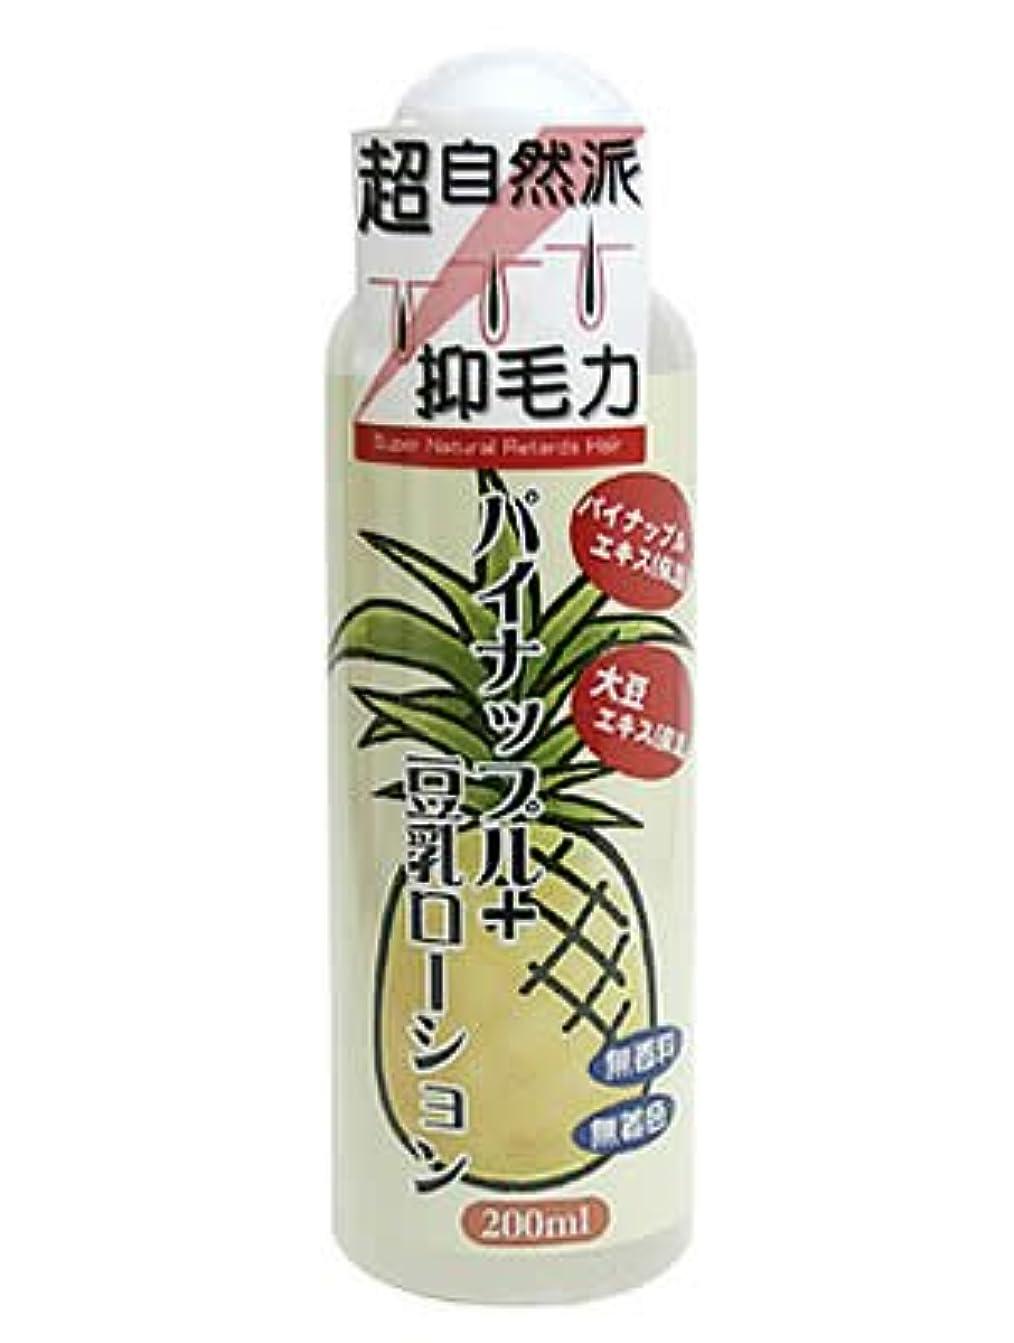 ニーズ パイナップル+豆乳ローション